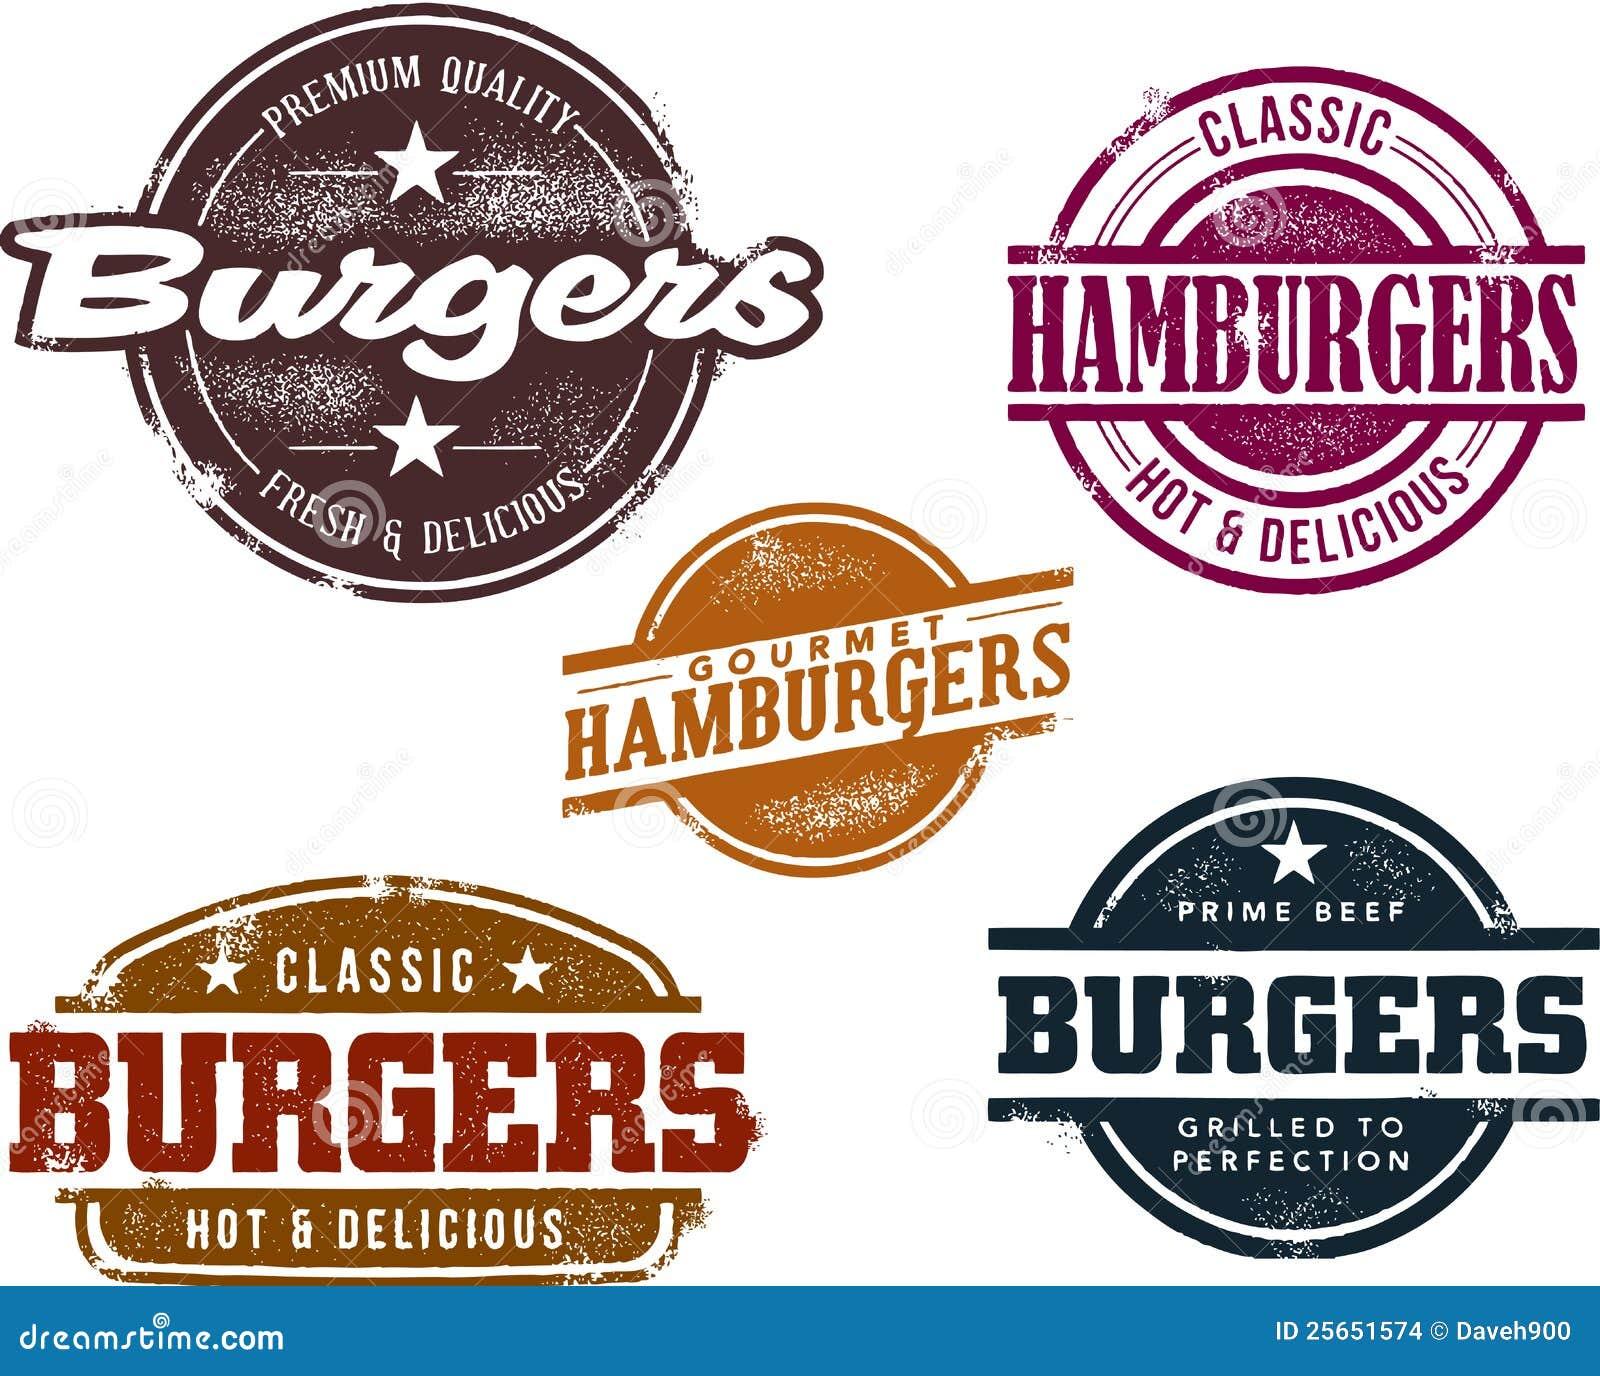 Vintage style burger stamps stock vector illustration for Vintage stuhle gunstig